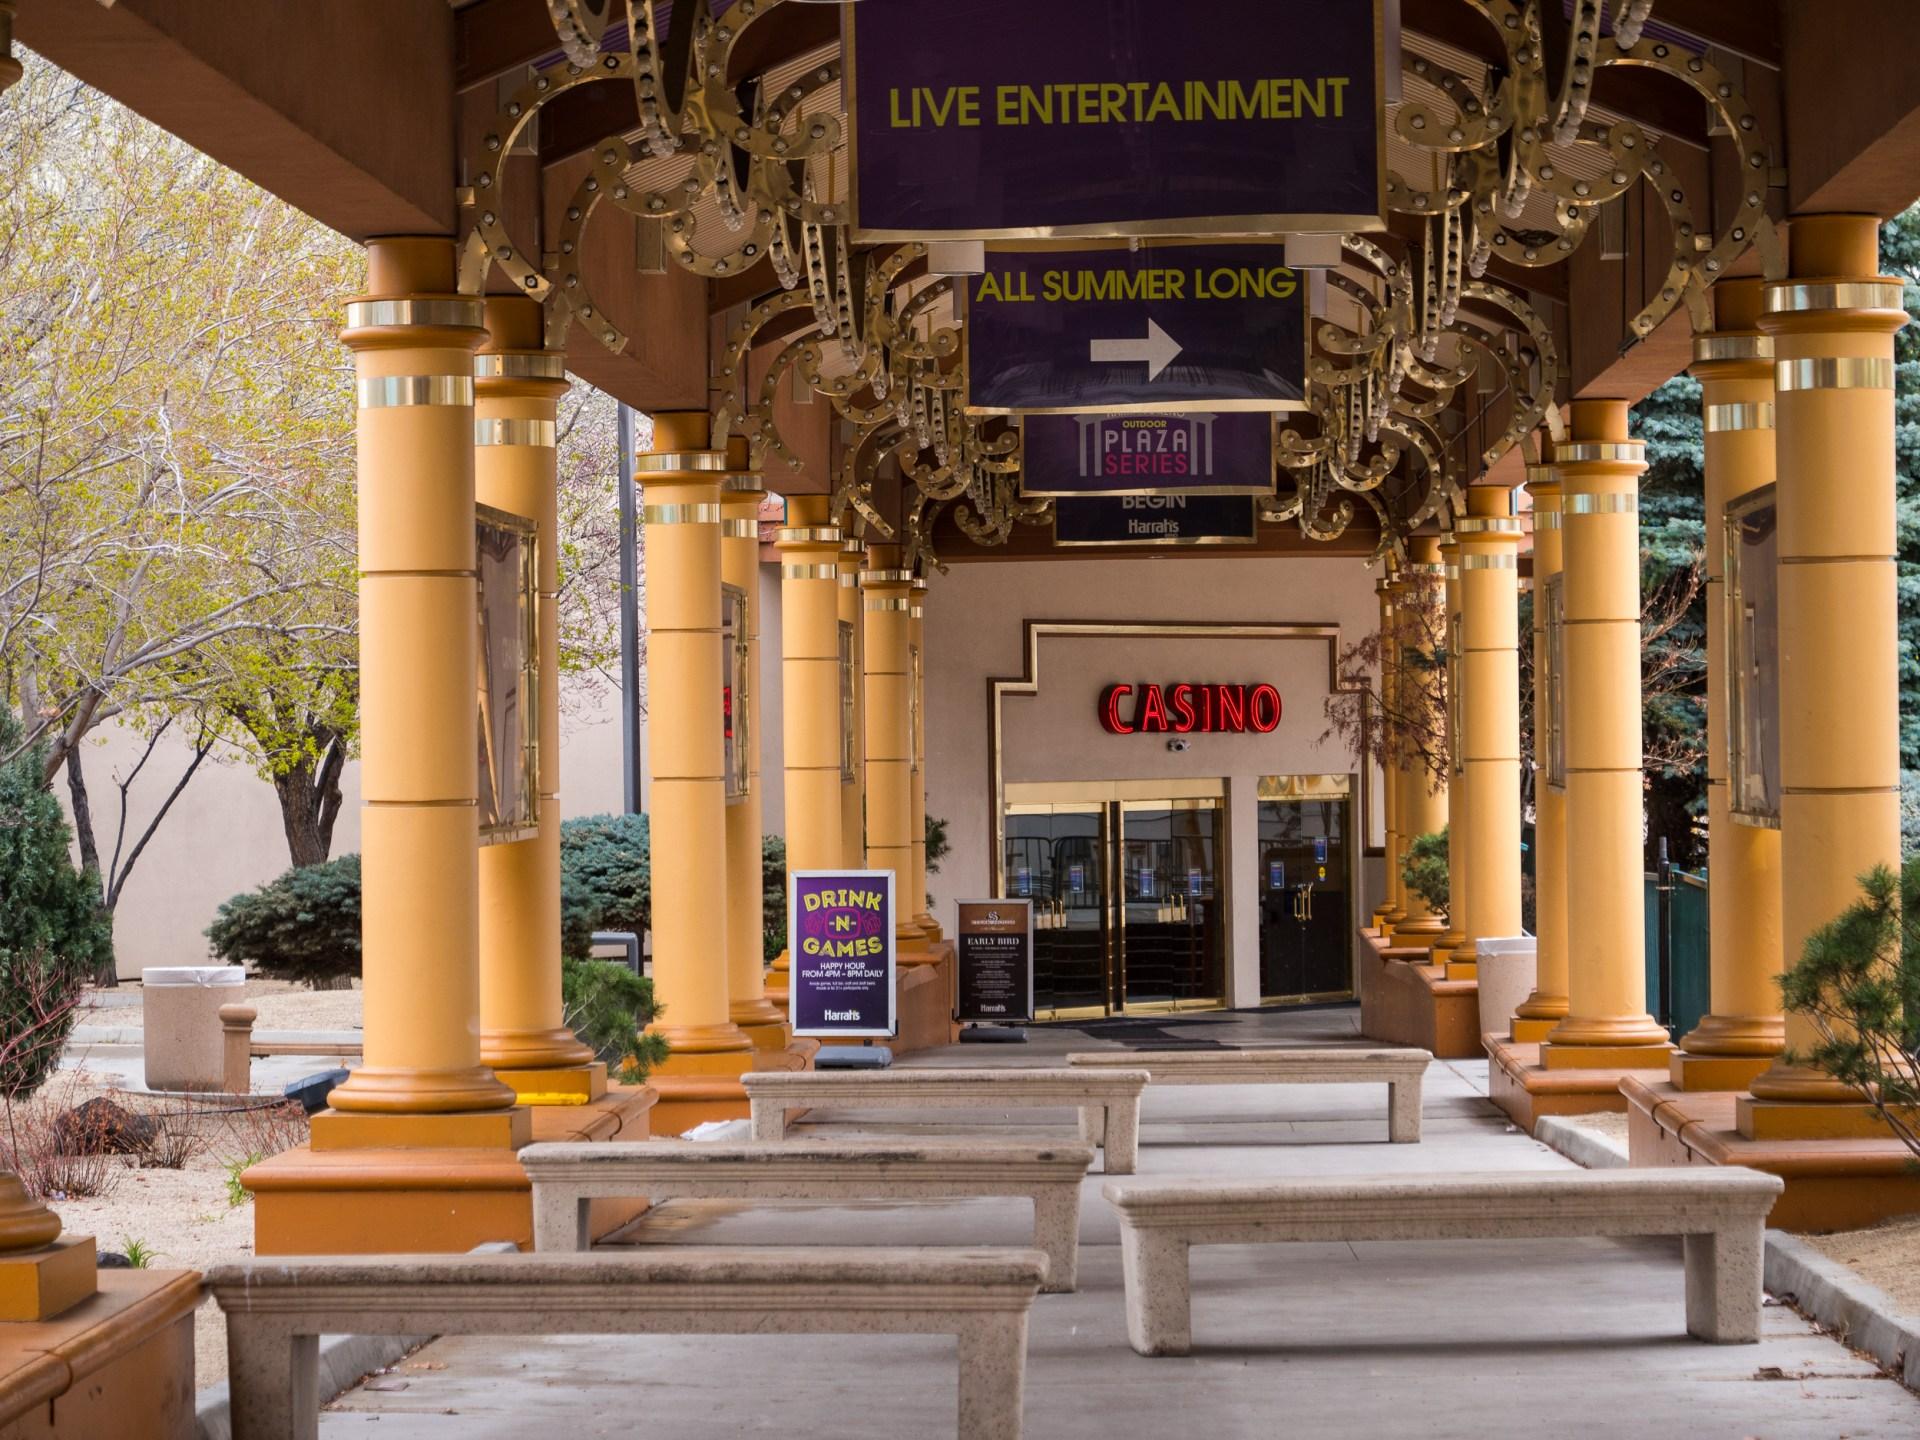 Image: Downtown Reno casinos close or scale back in the wake of COVID-19. Image: Bob Conrad.